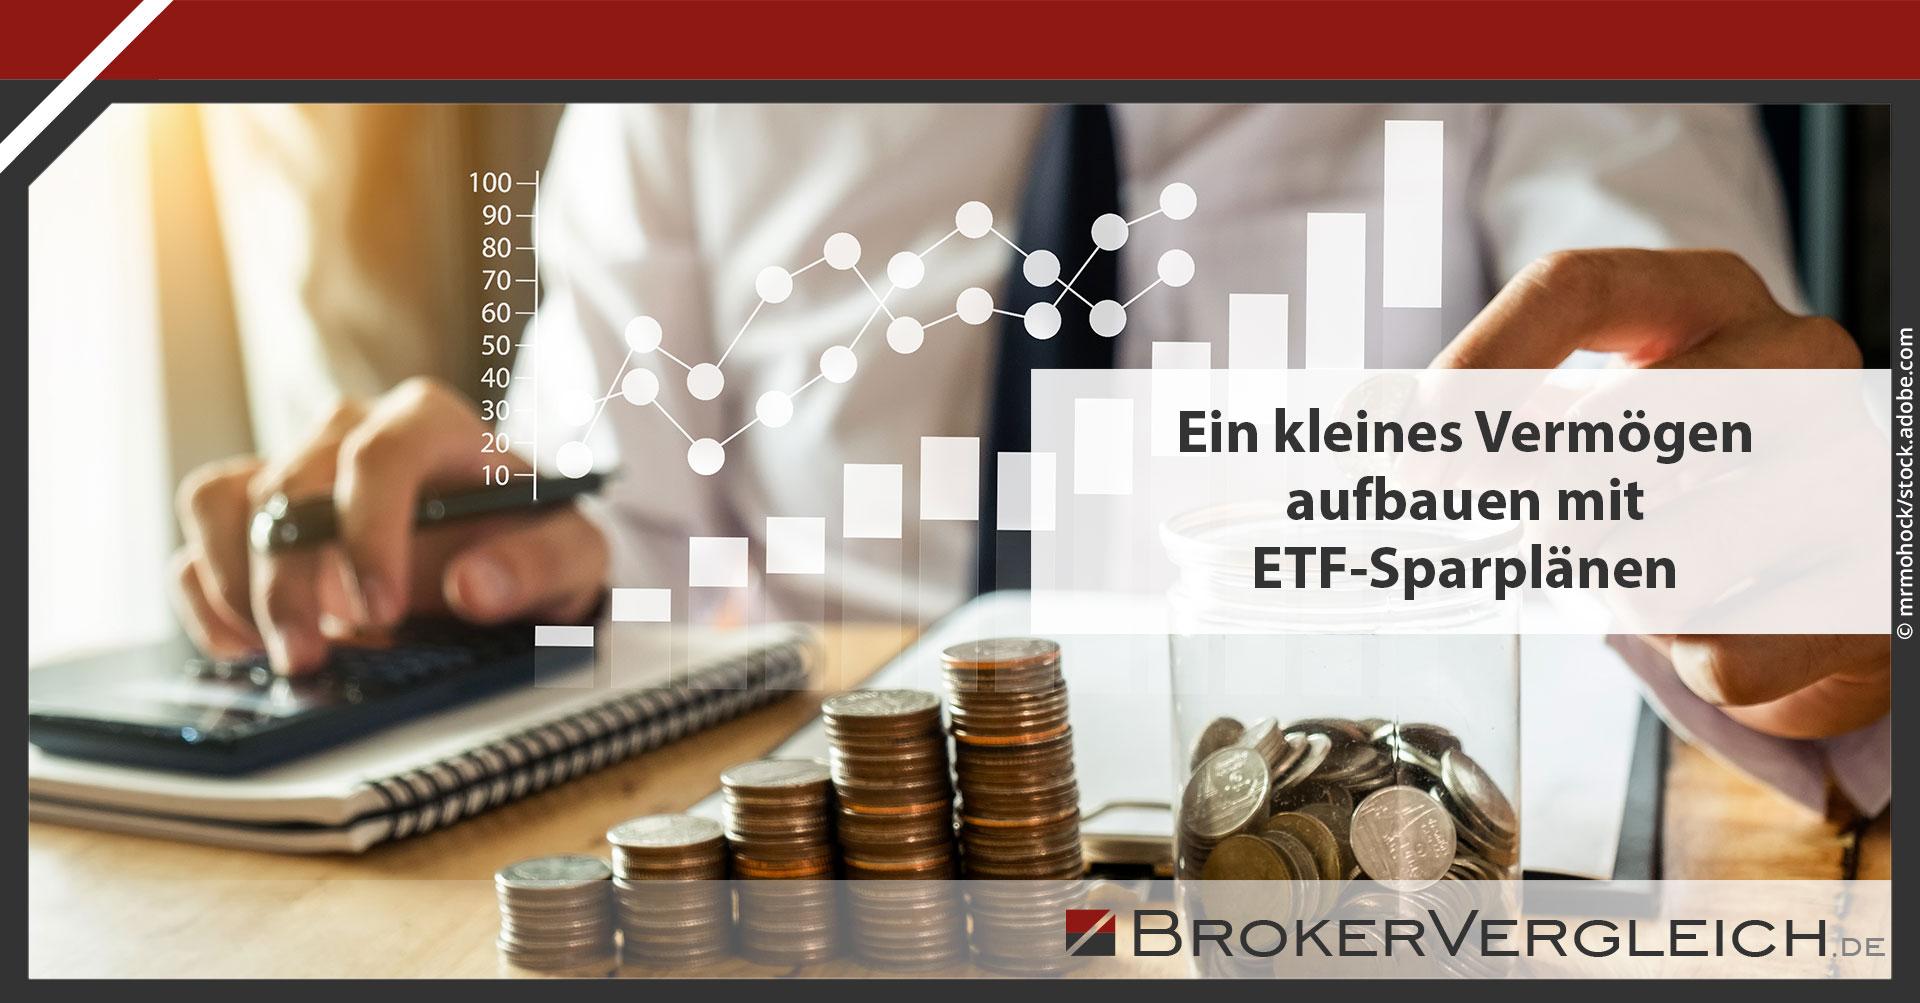 ETF-Sparplan-Vergleich - mit Rechner für Kosten | Erfahrungen und Bewertungen von Kunden | Welche Bank oder welchen Broker für ETF-Sparplan nutzen?